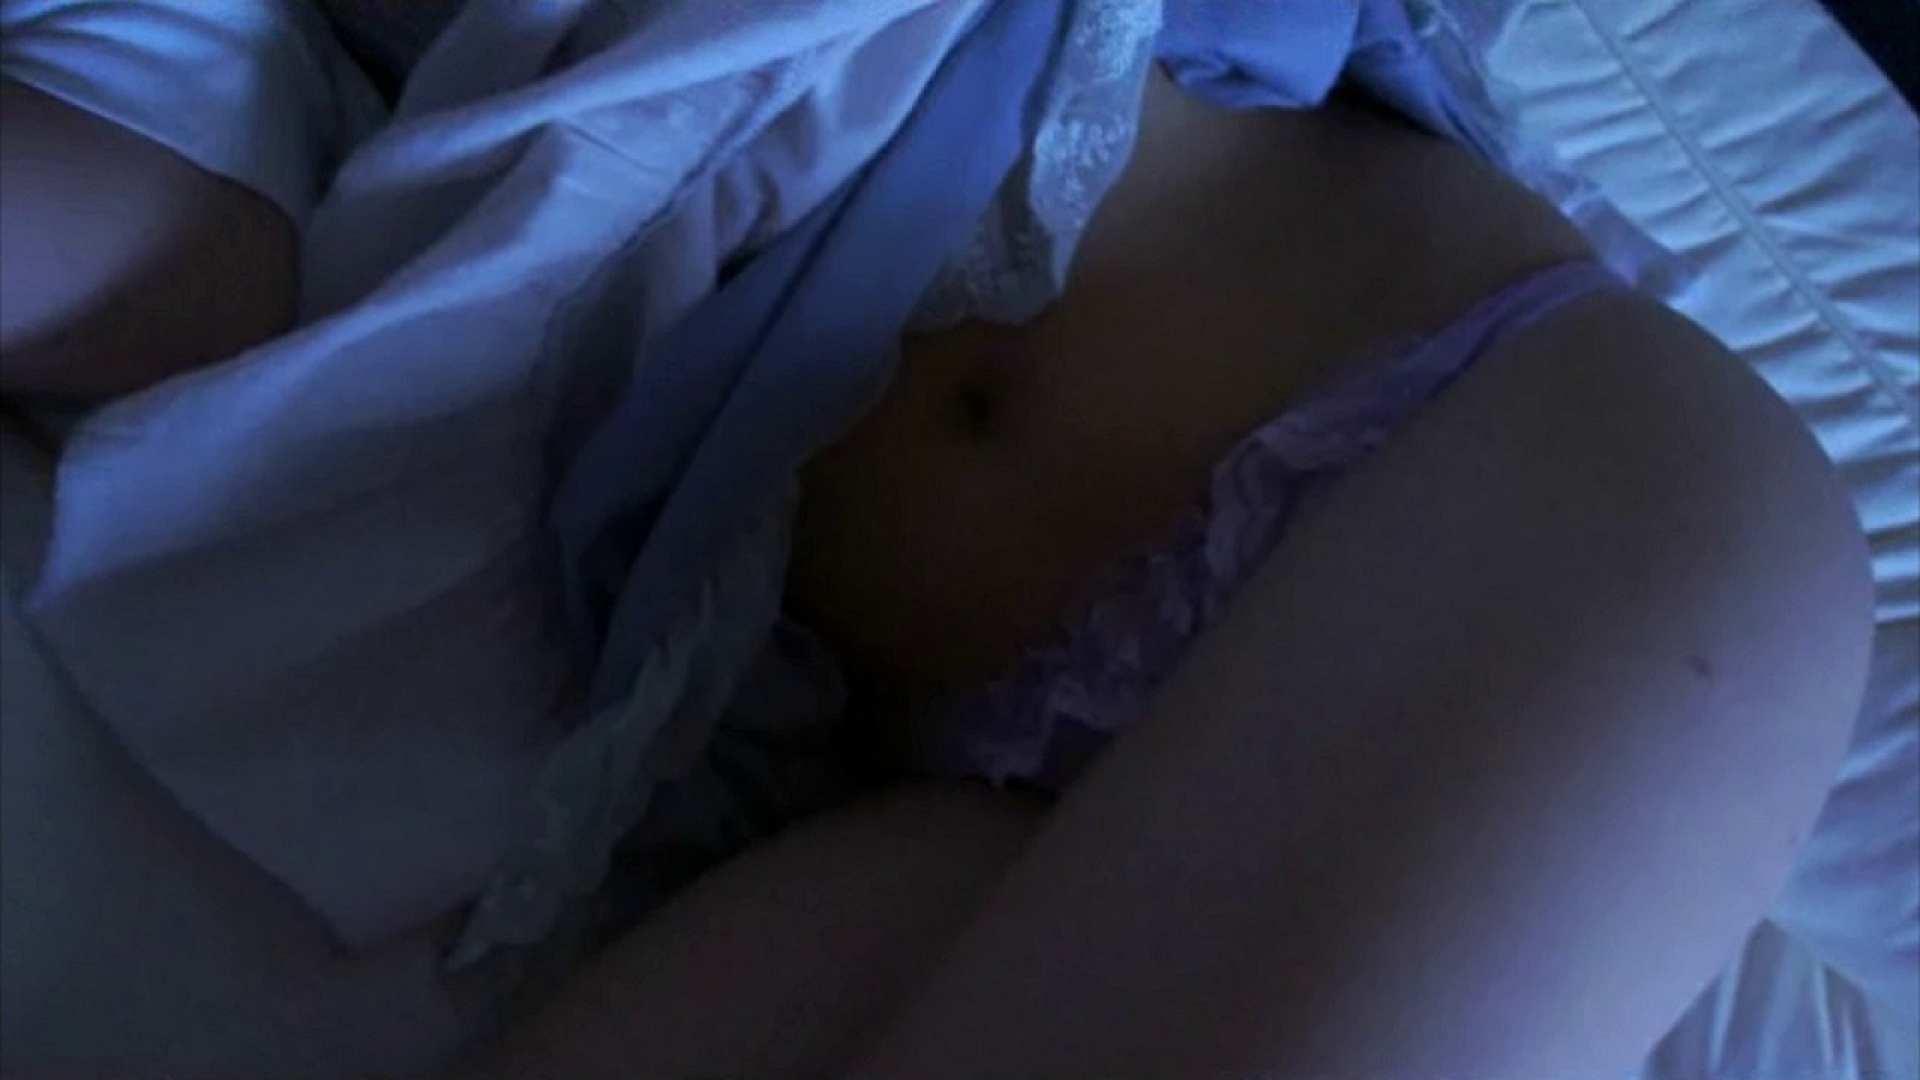 vol.5 ー前編ーユリナちゃんの身体を隅々まで観察しました。 ○族 エロ画像 89画像 19